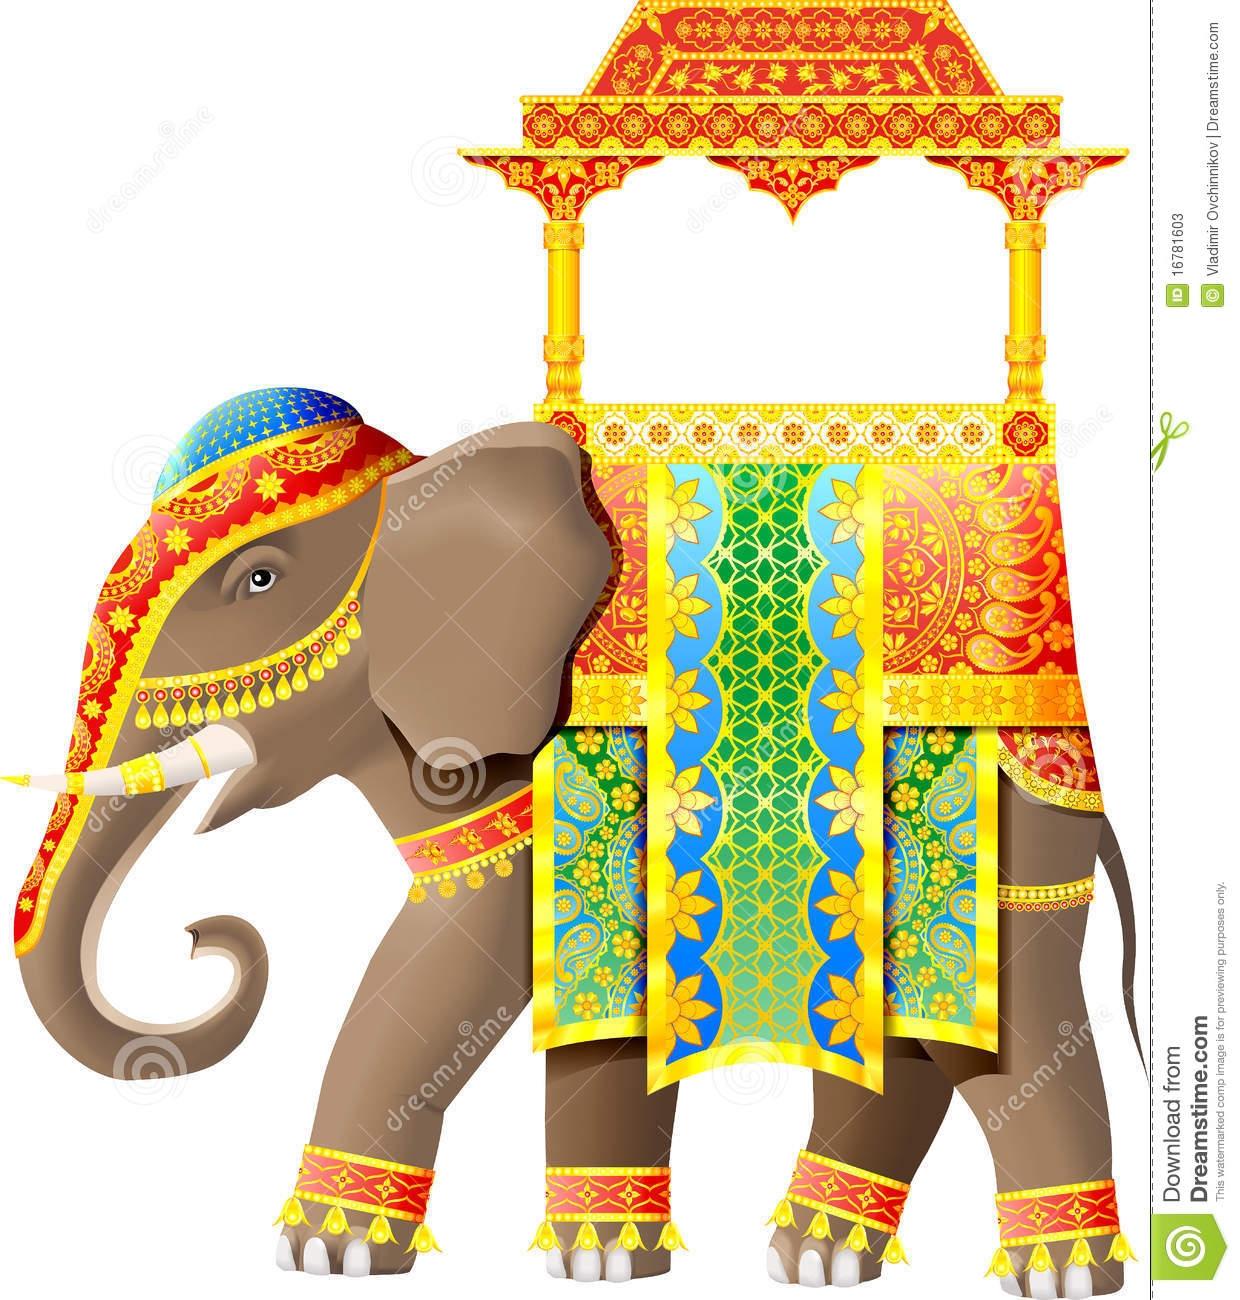 Wedding clipart elephant Clipart clipartsgram Elephant com #1